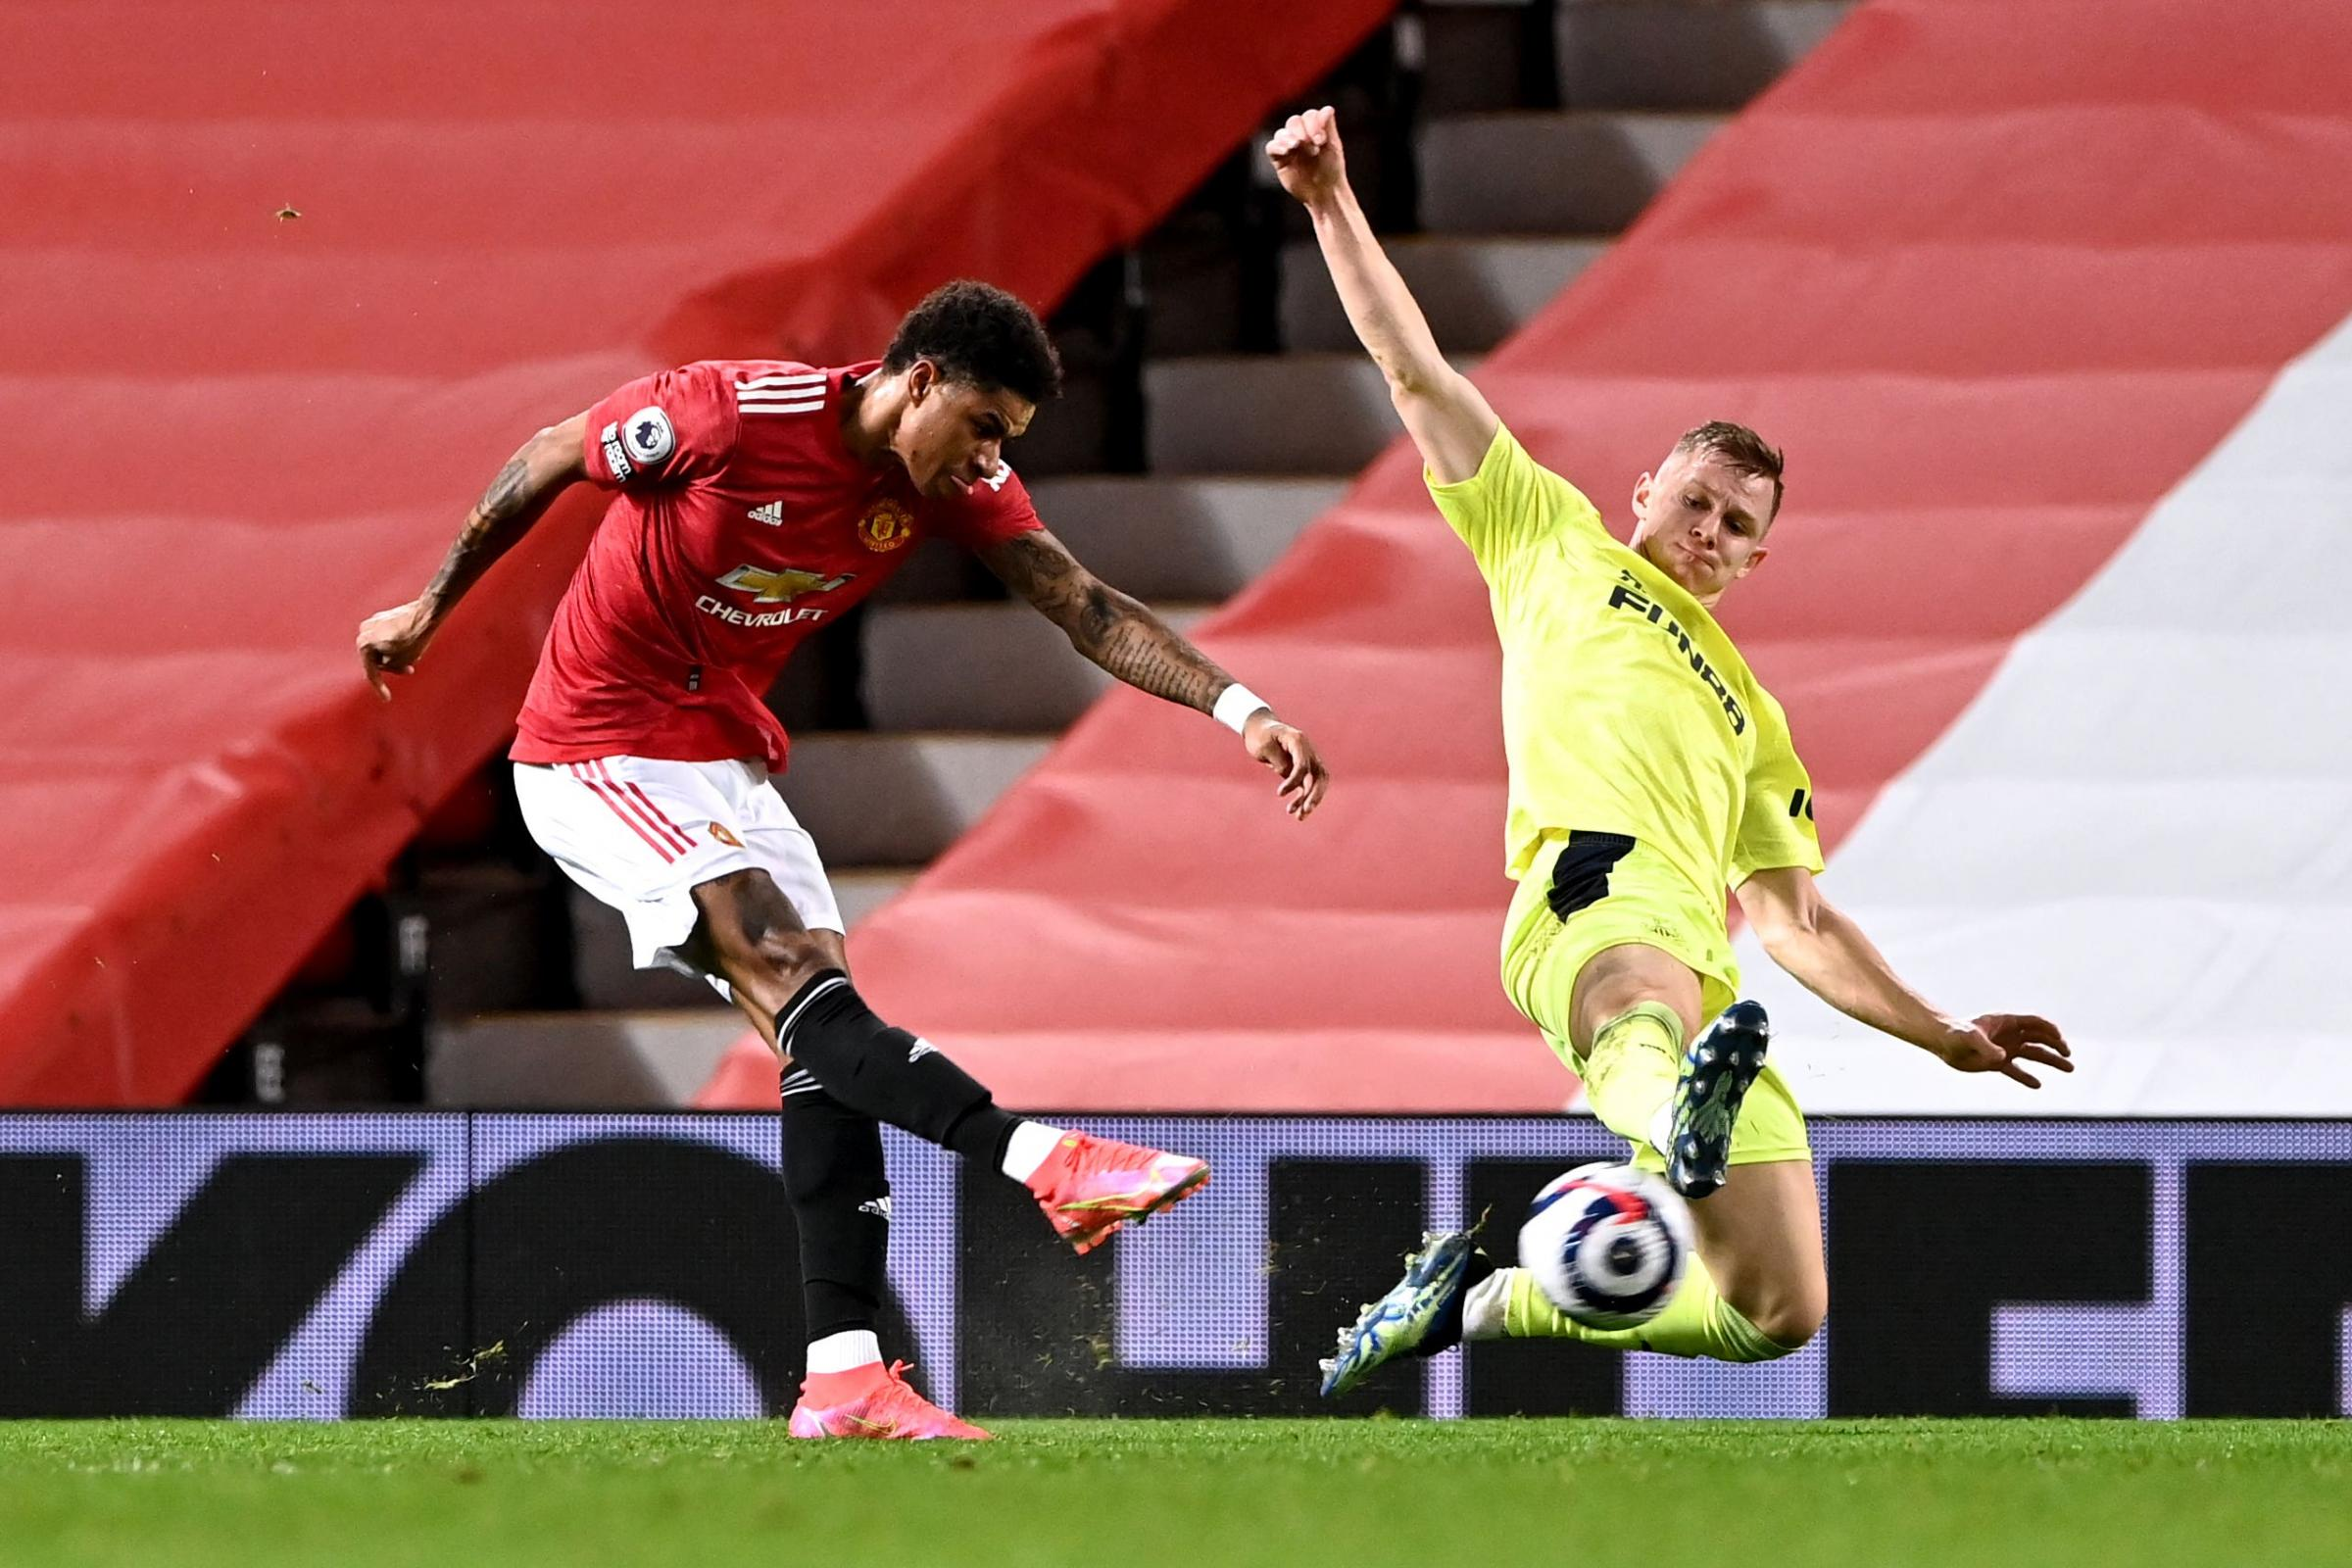 Manchester United tidak akan terpengaruh oleh rekor rekor Metropolis - Marcus Rashford